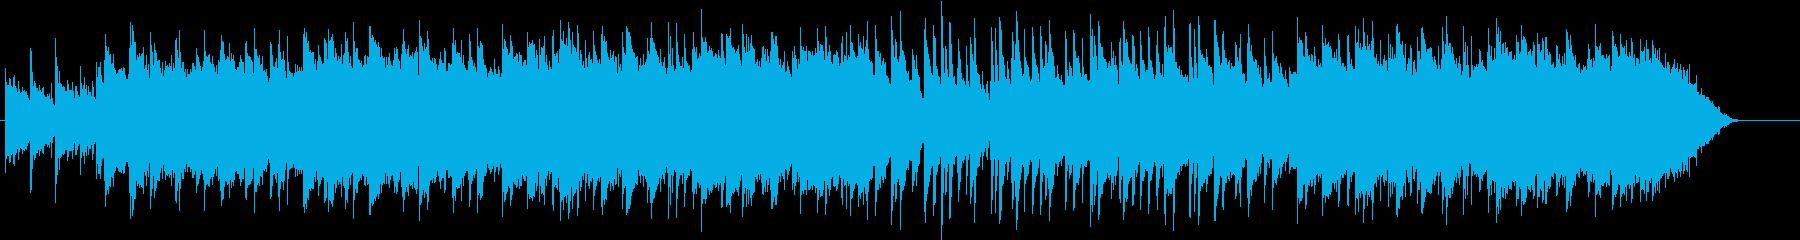 アイリッシュなワルツの再生済みの波形